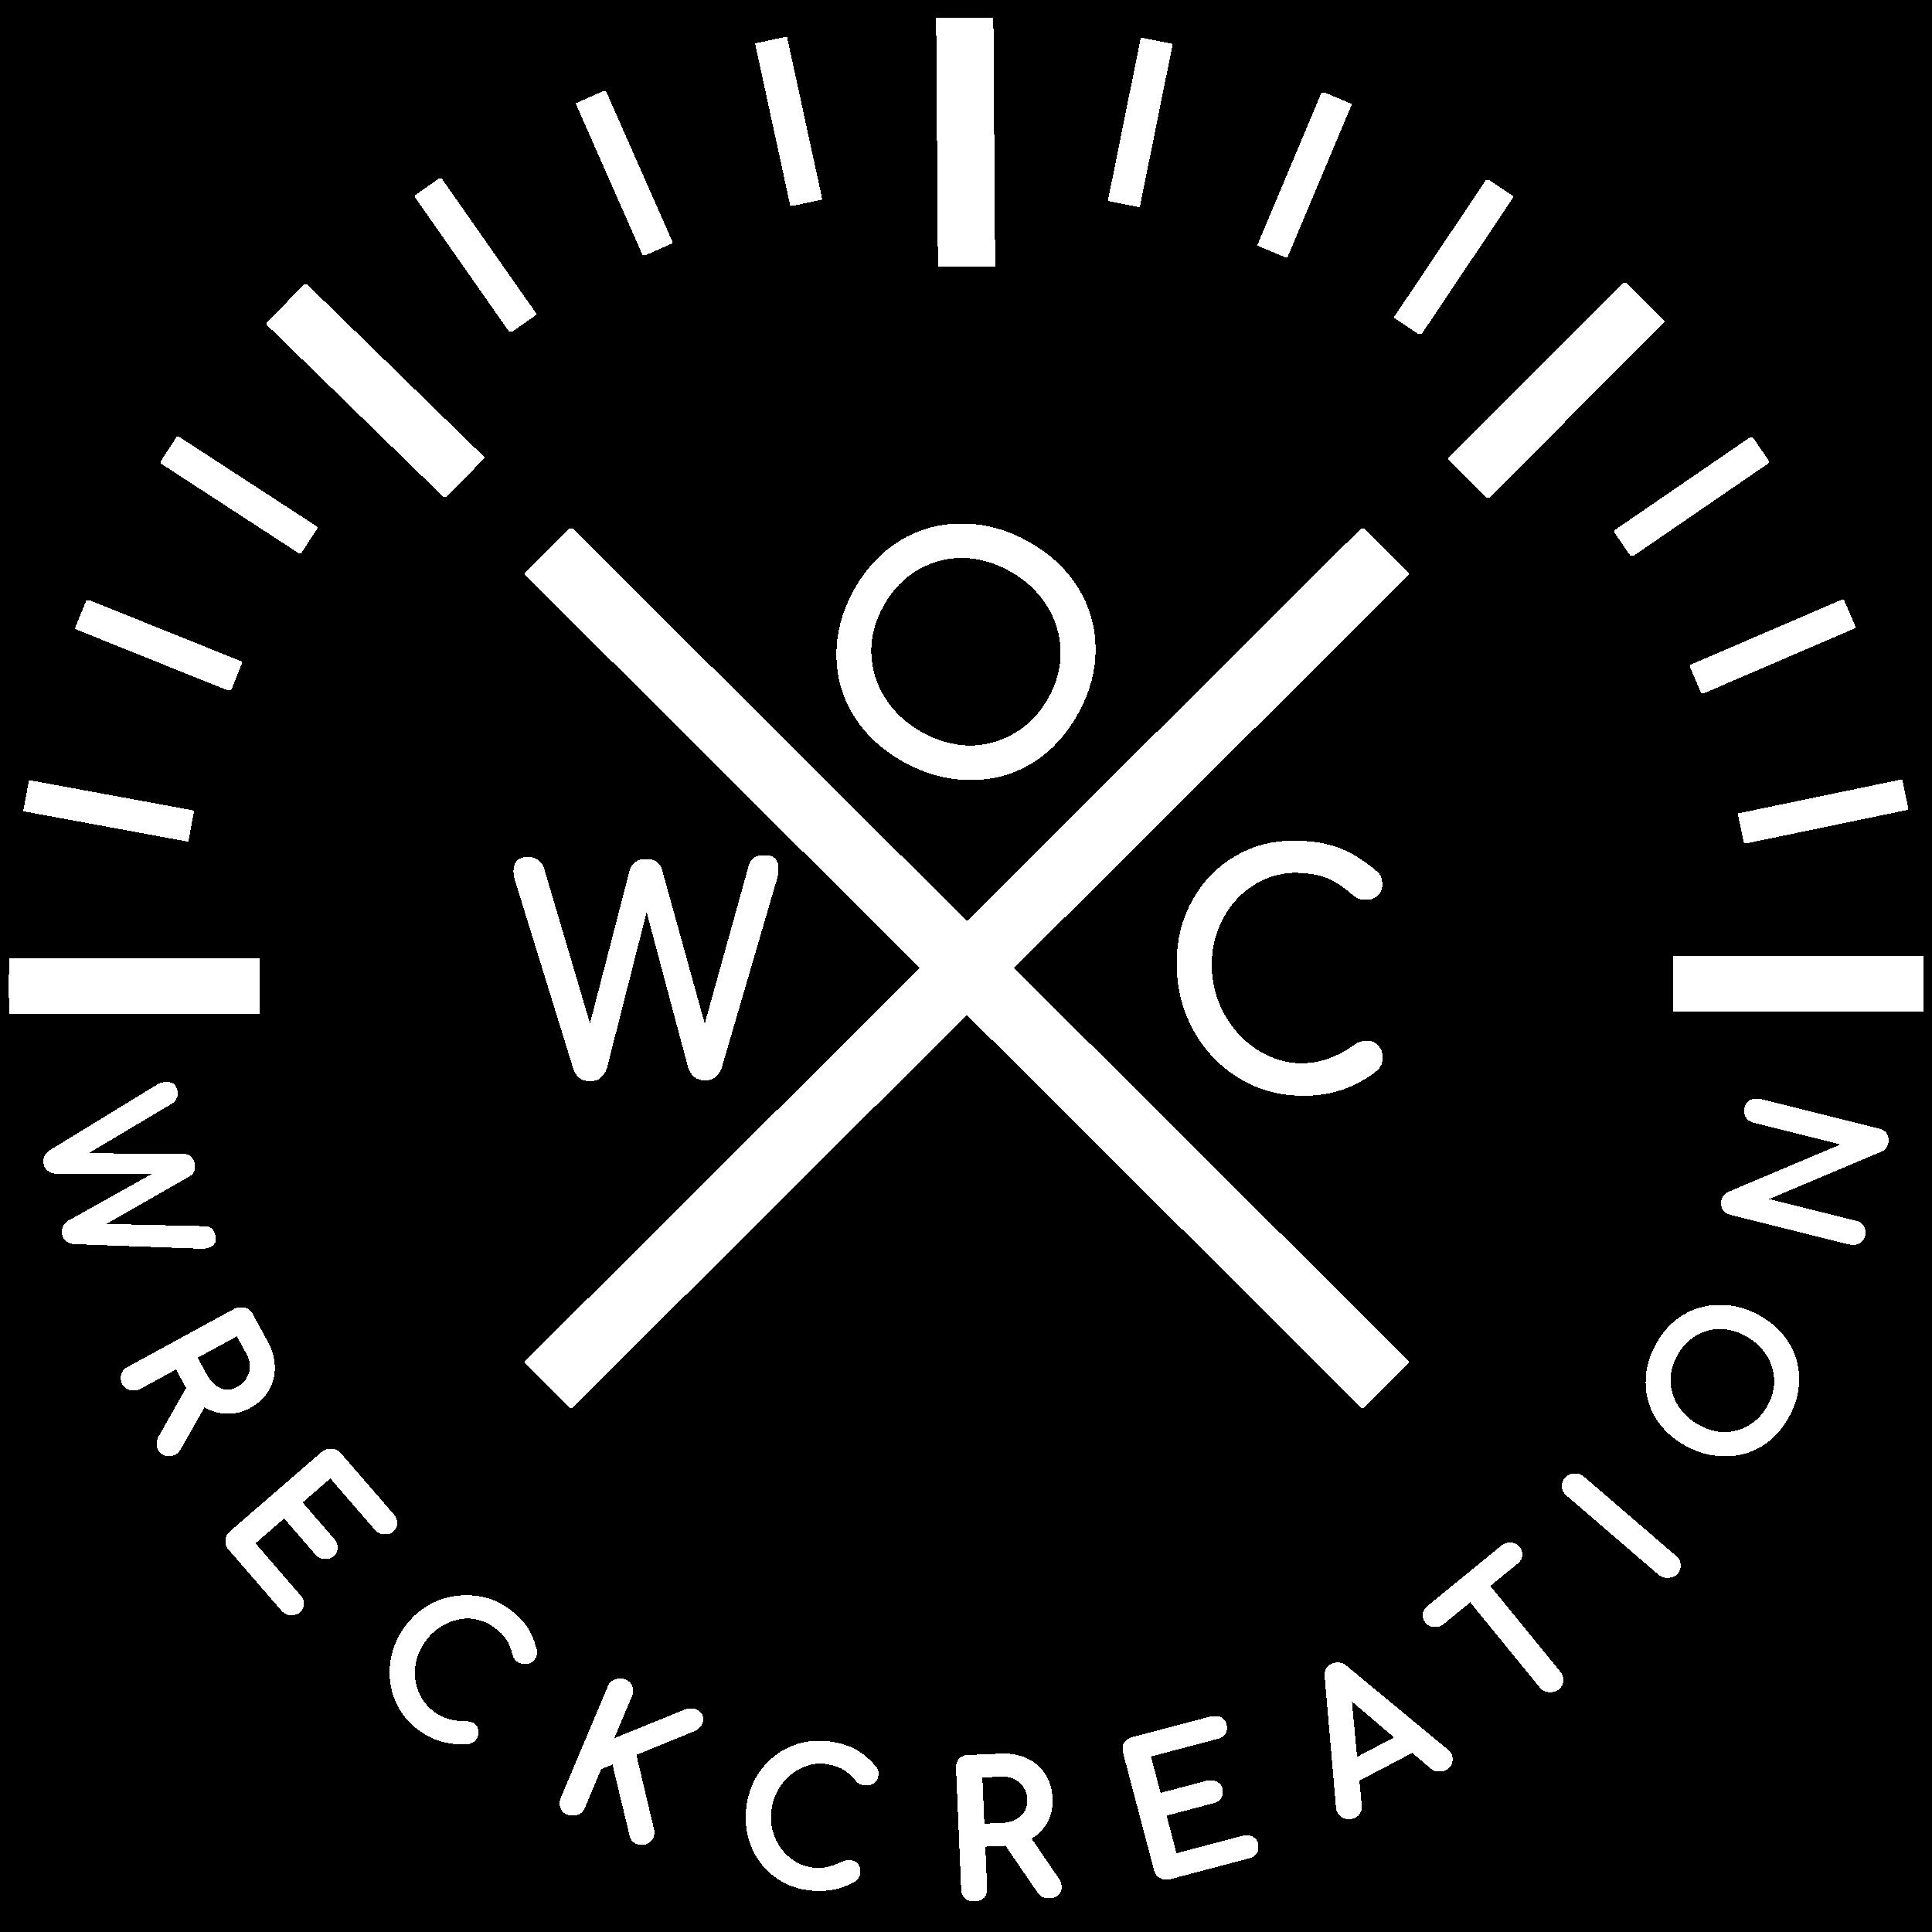 wreckcreation logo_white 175.png